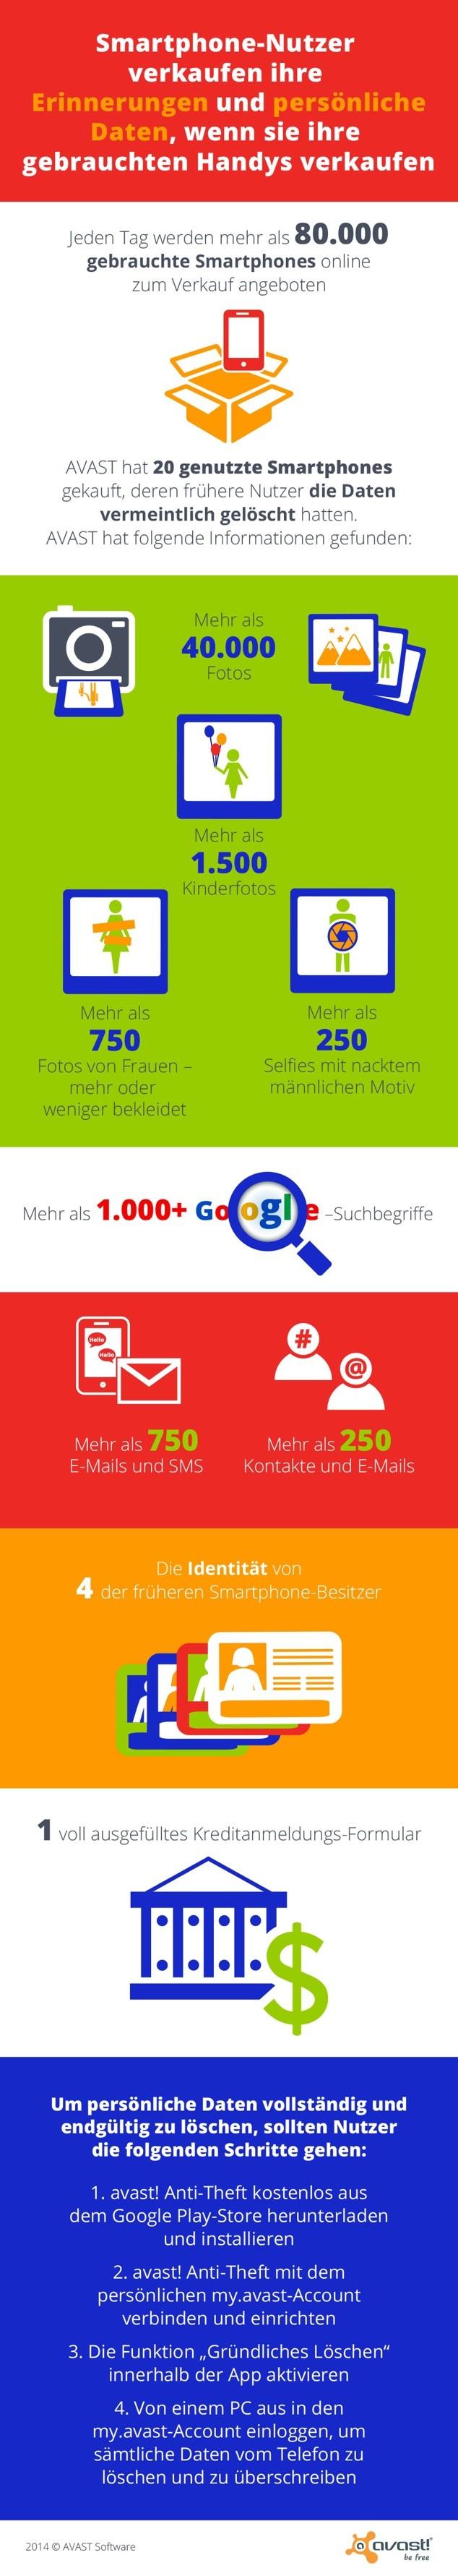 avast smartphone info grafik